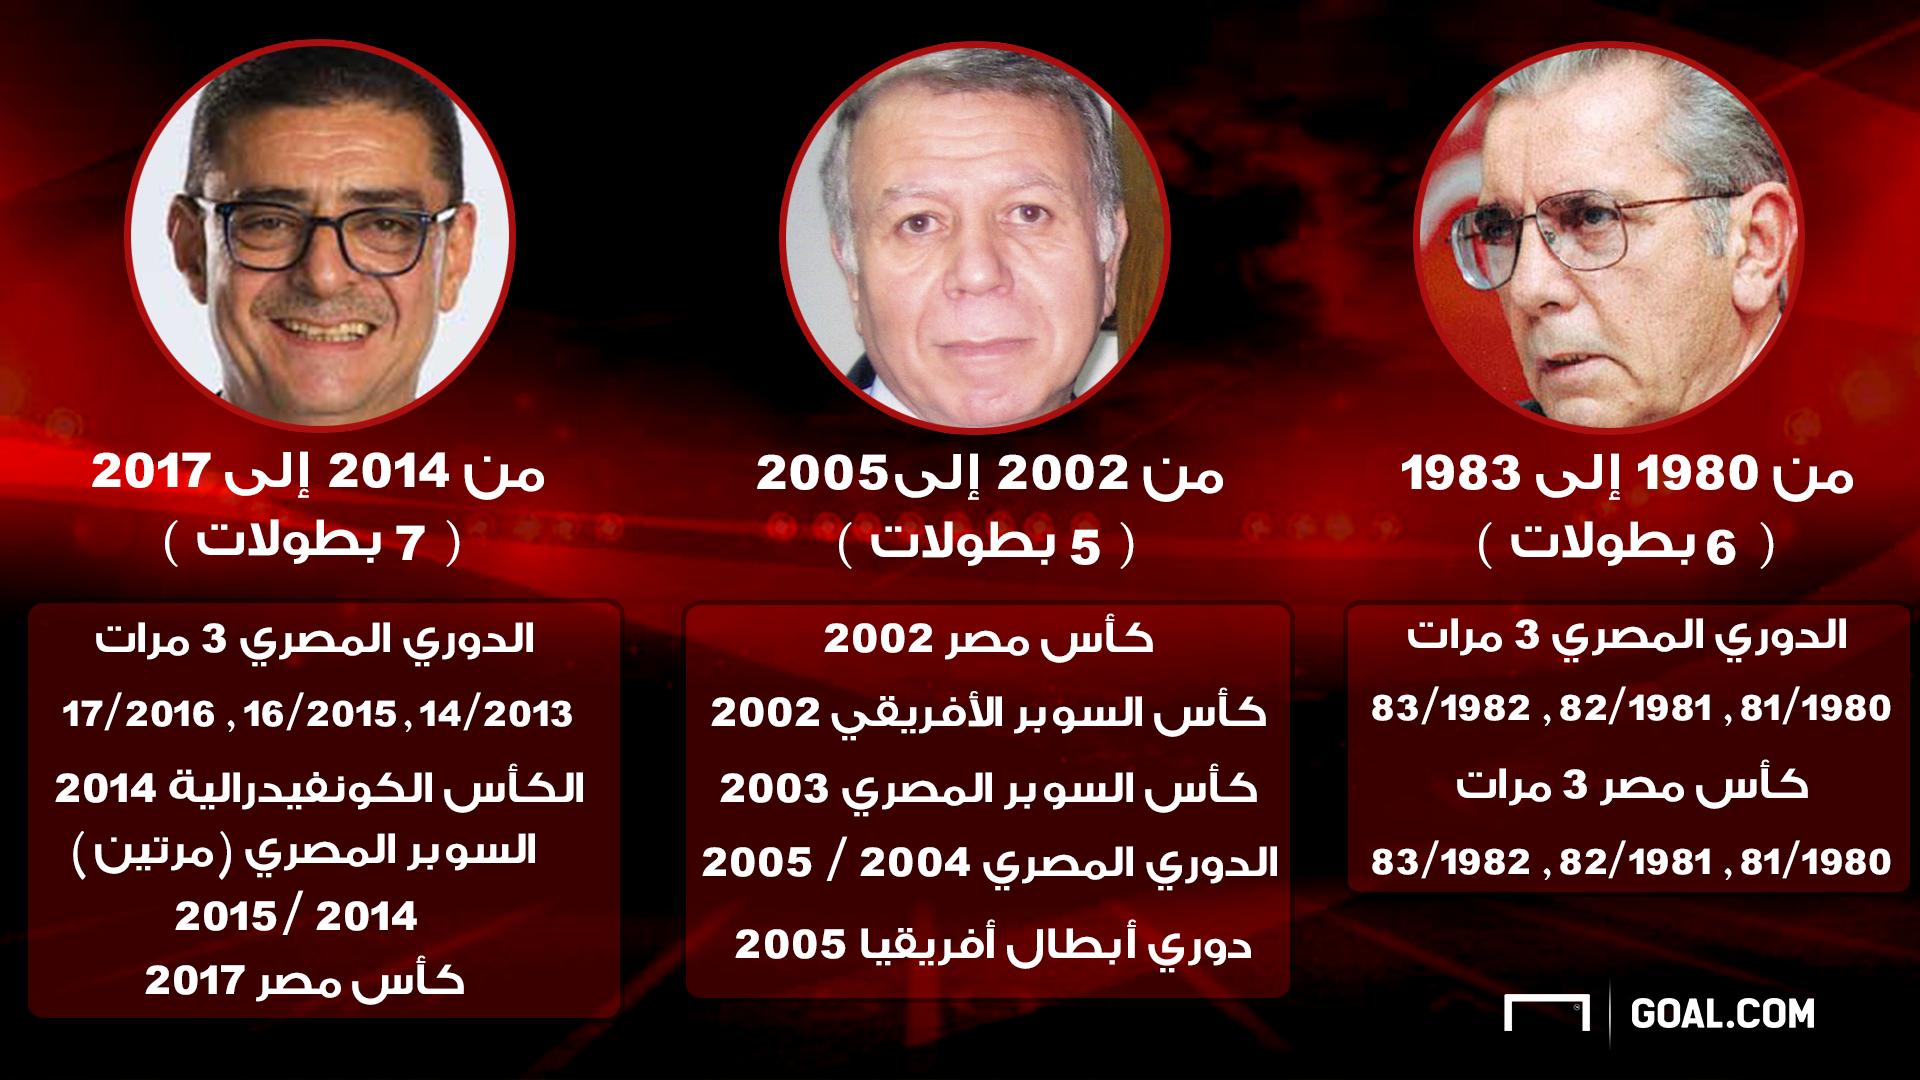 محمود طاهر × صالح سليم × حسن حمدي